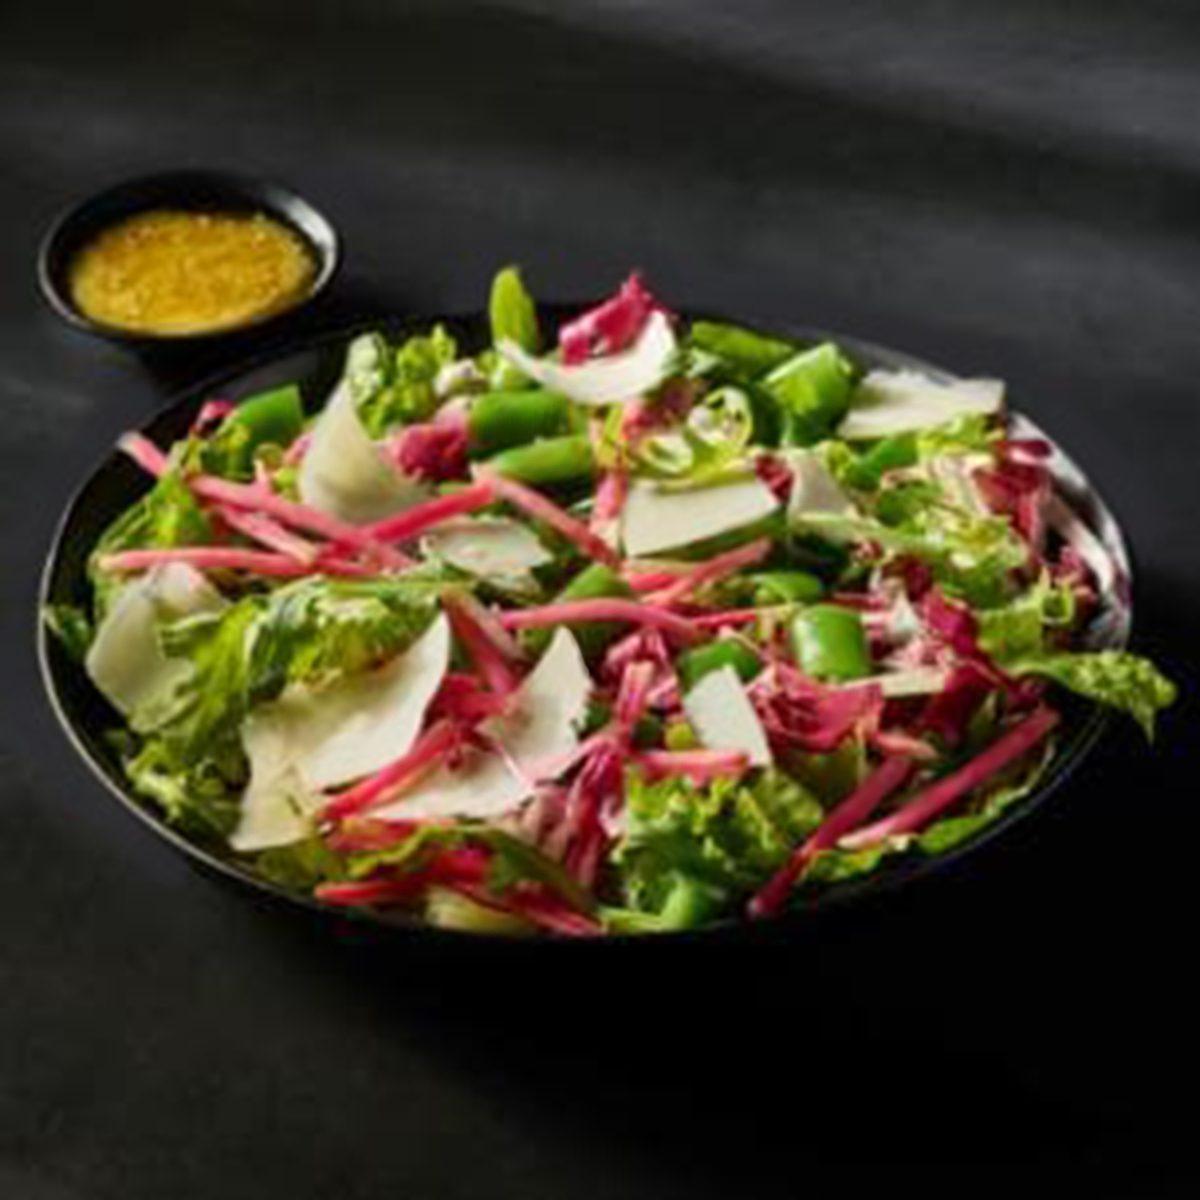 Garden Greens & Shaved Parmesan Side Salad